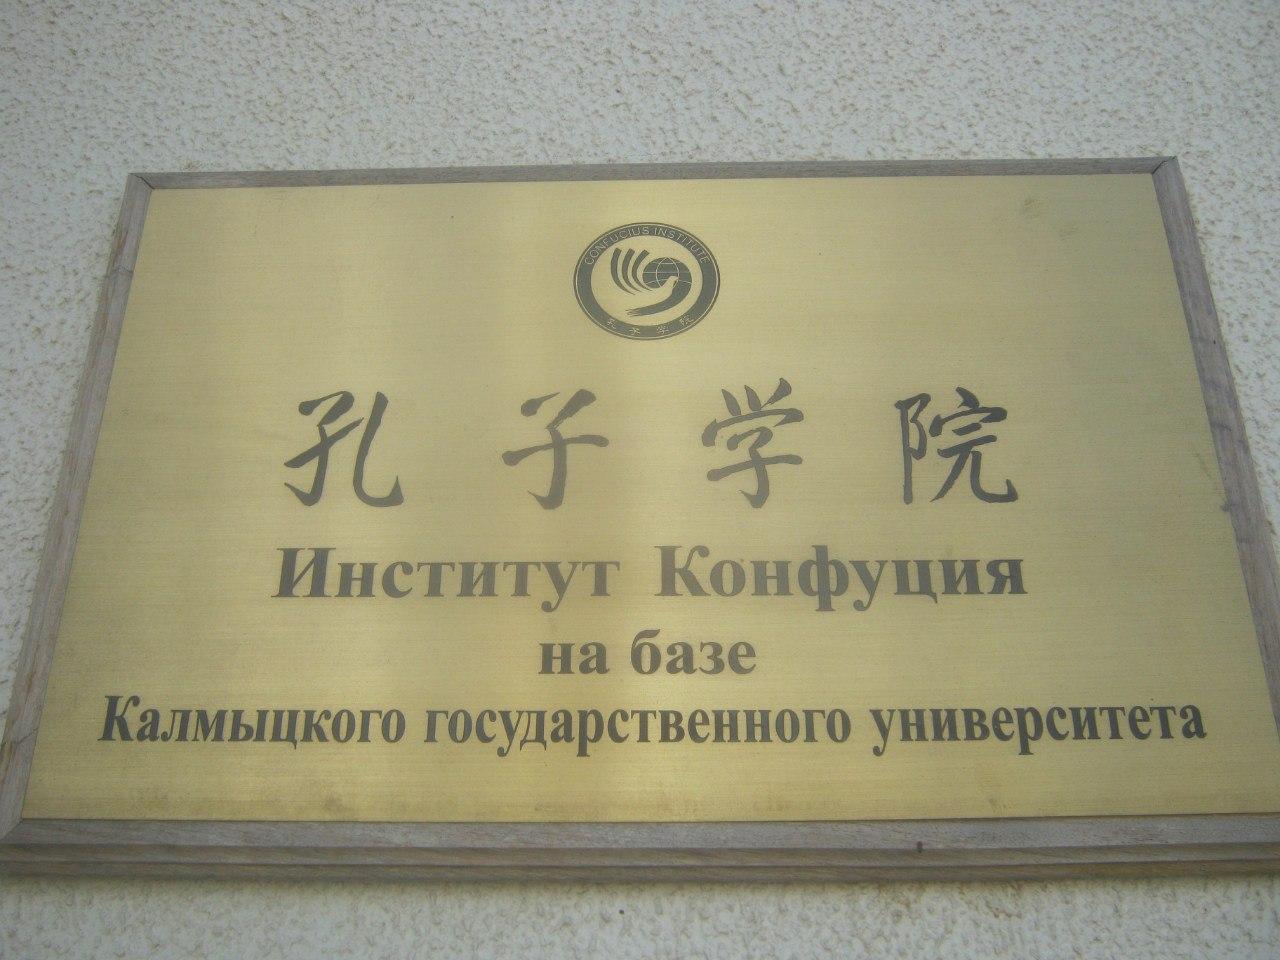 Институт Конфуция в шахматном городе - в Элисте